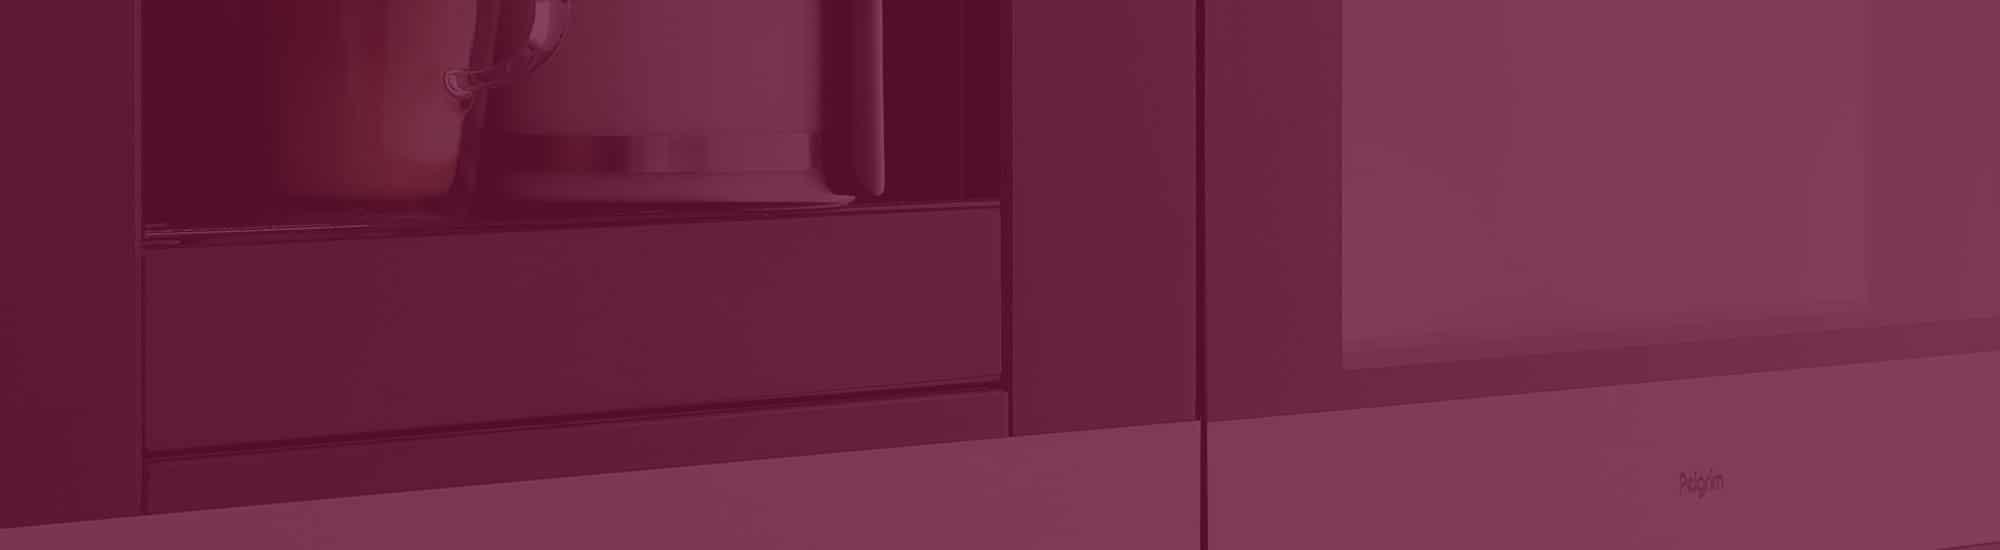 Keukenrenovatie Venlo : Referenties Bjorn Timmermans De Keukenvernieuwers